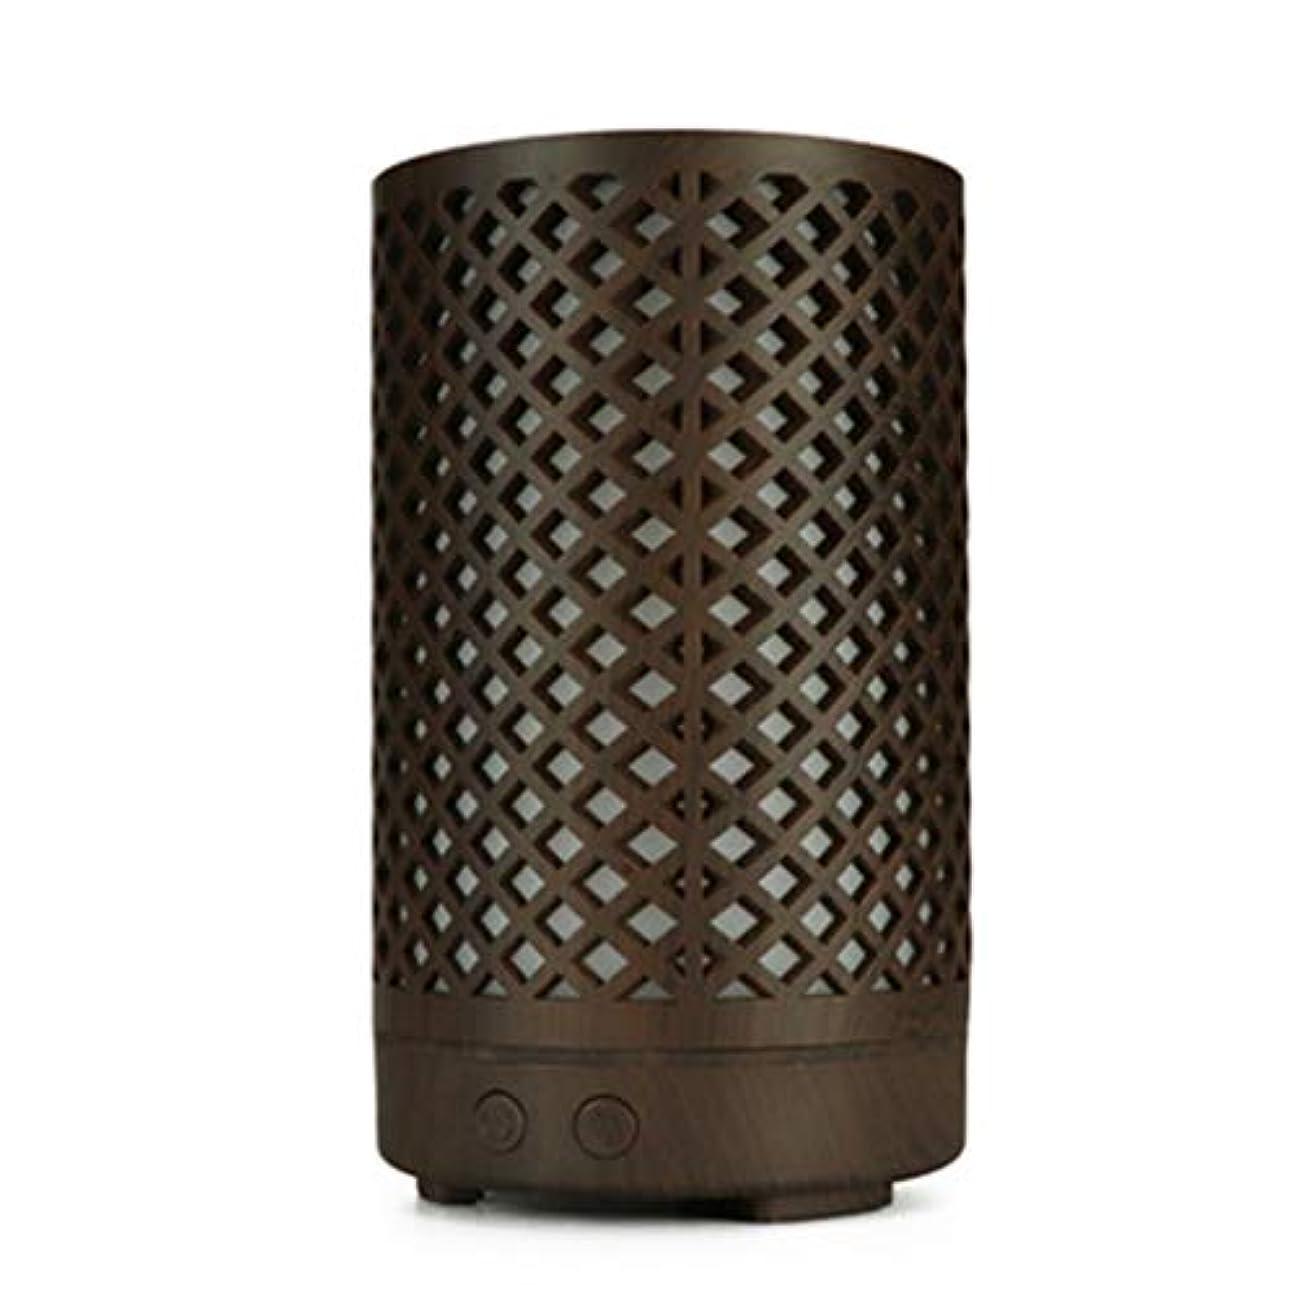 り取り替える治安判事木目加湿器家庭用100ミリリットルミニデスクトップカラフルなアロマテラピーマシン (Color : Dark wood grain)